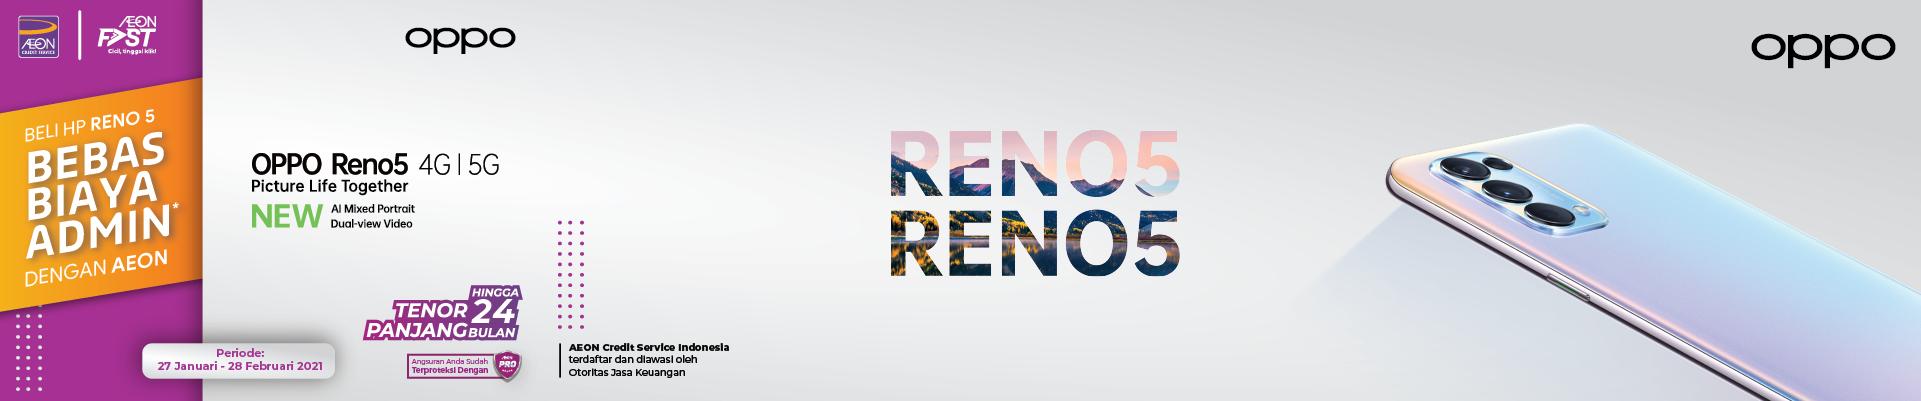 Beli HP OPPO Reno 5, Bebas Biaya Admin dengan AEON sampai dengan 28 Februari 2021